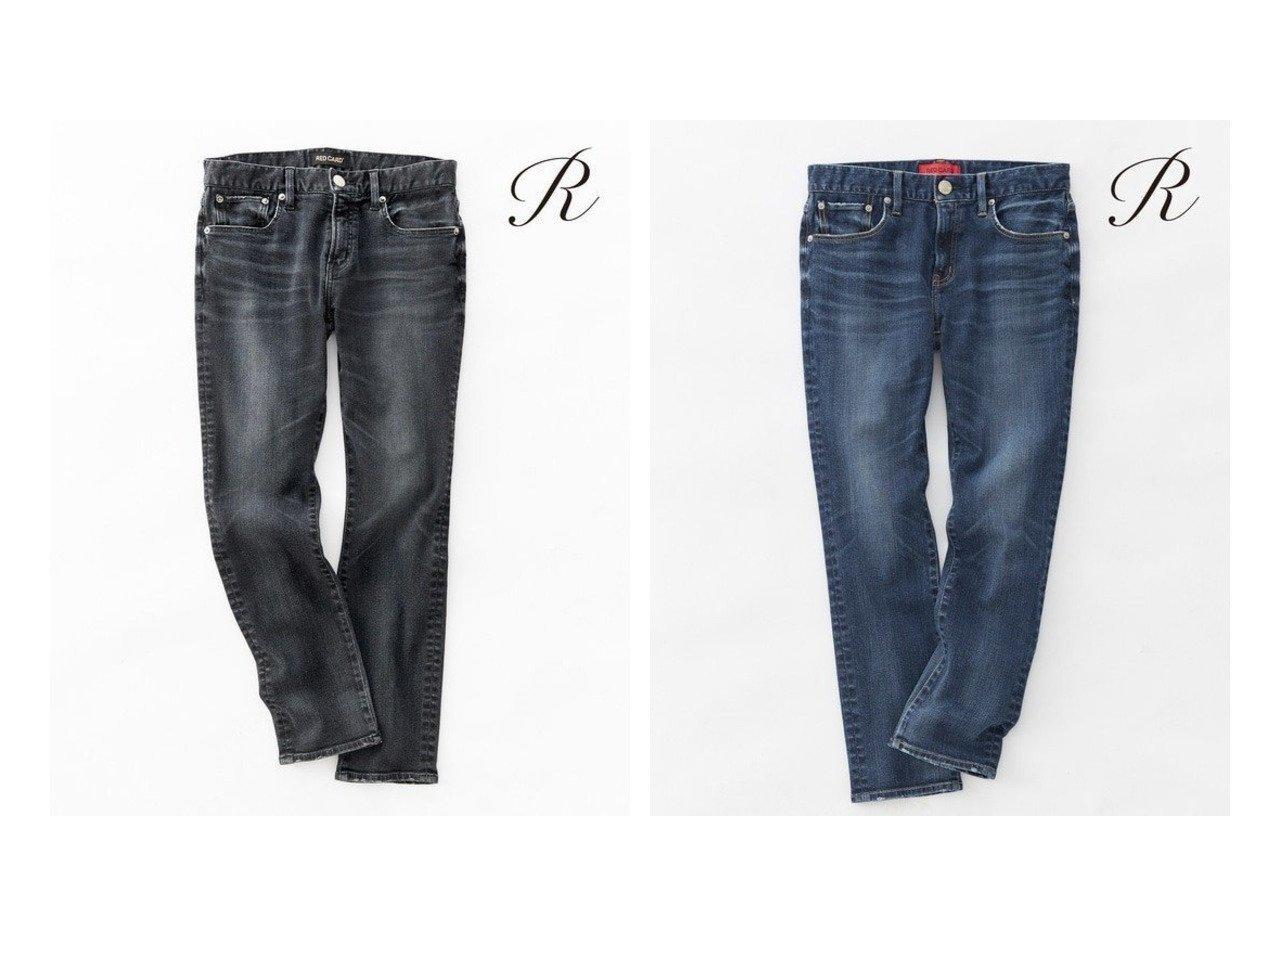 【NIJYUSANKU/23区】の【R(アール)】RED CARD ストレートデニムパンツ パンツのおすすめ!人気、トレンド・レディースファッションの通販 おすすめで人気の流行・トレンド、ファッションの通販商品 メンズファッション・キッズファッション・インテリア・家具・レディースファッション・服の通販 founy(ファニー) https://founy.com/ ファッション Fashion レディースファッション WOMEN パンツ Pants デニムパンツ Denim Pants ヴィンテージ シンプル スペシャル デニム 人気 リアル 2020年 2020 再入荷 Restock/Back in Stock/Re Arrival S/S 春夏 SS Spring/Summer 2020 春夏 S/S SS Spring/Summer 2020 送料無料 Free Shipping |ID:crp329100000014431